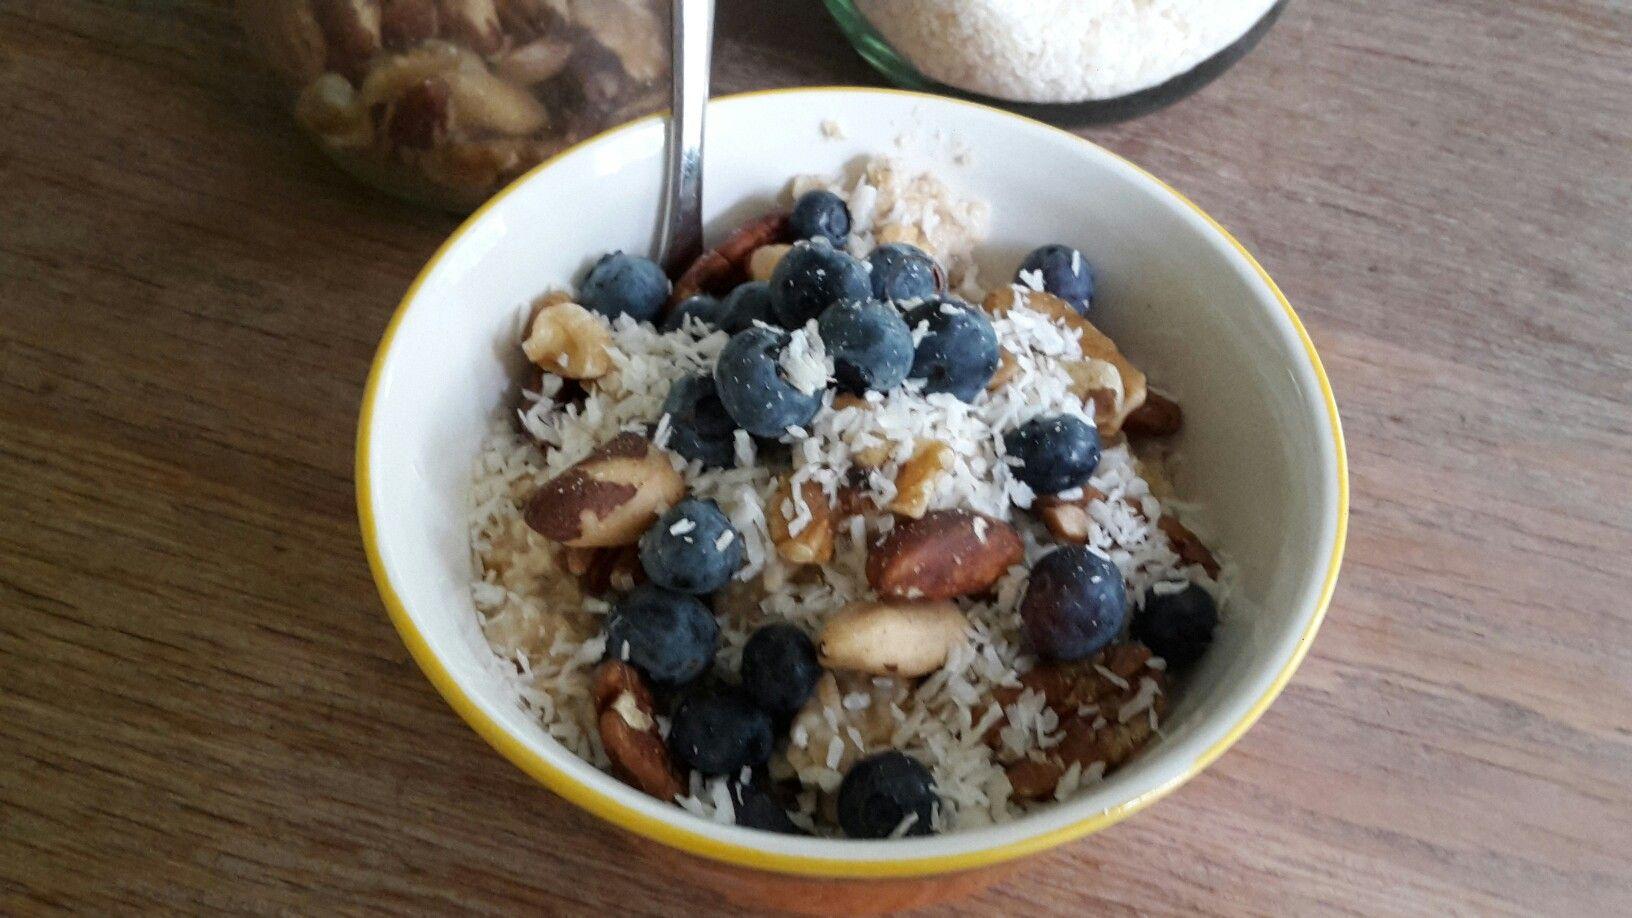 Havermout ontbijt met kurkuma, Gember met cacao nibs thee. Garneering van blauwe bessen, kokosschafsel, gemengde noten.